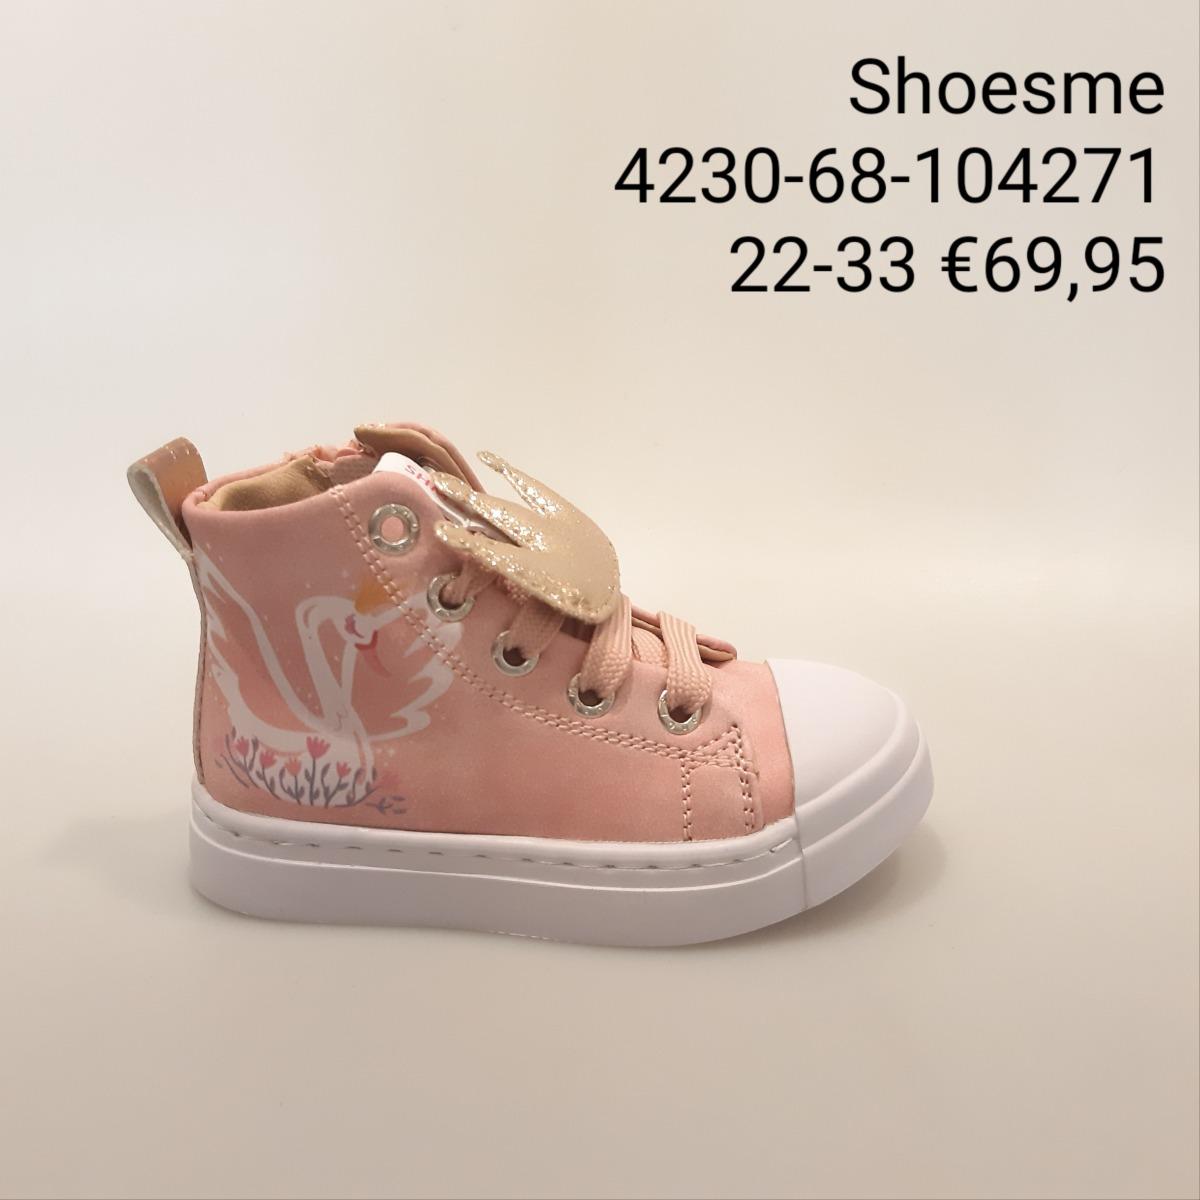 Meisjes Schoenen 4